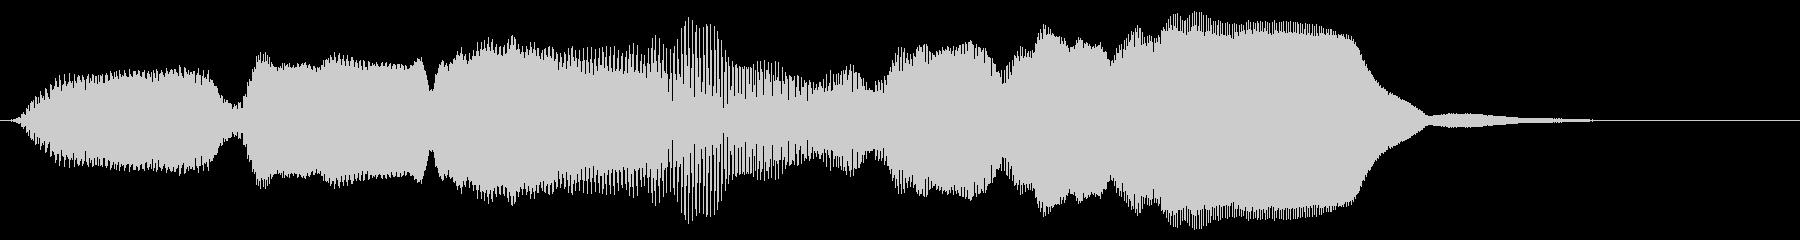 ドレミファソラシド 上昇 リコーダーの未再生の波形